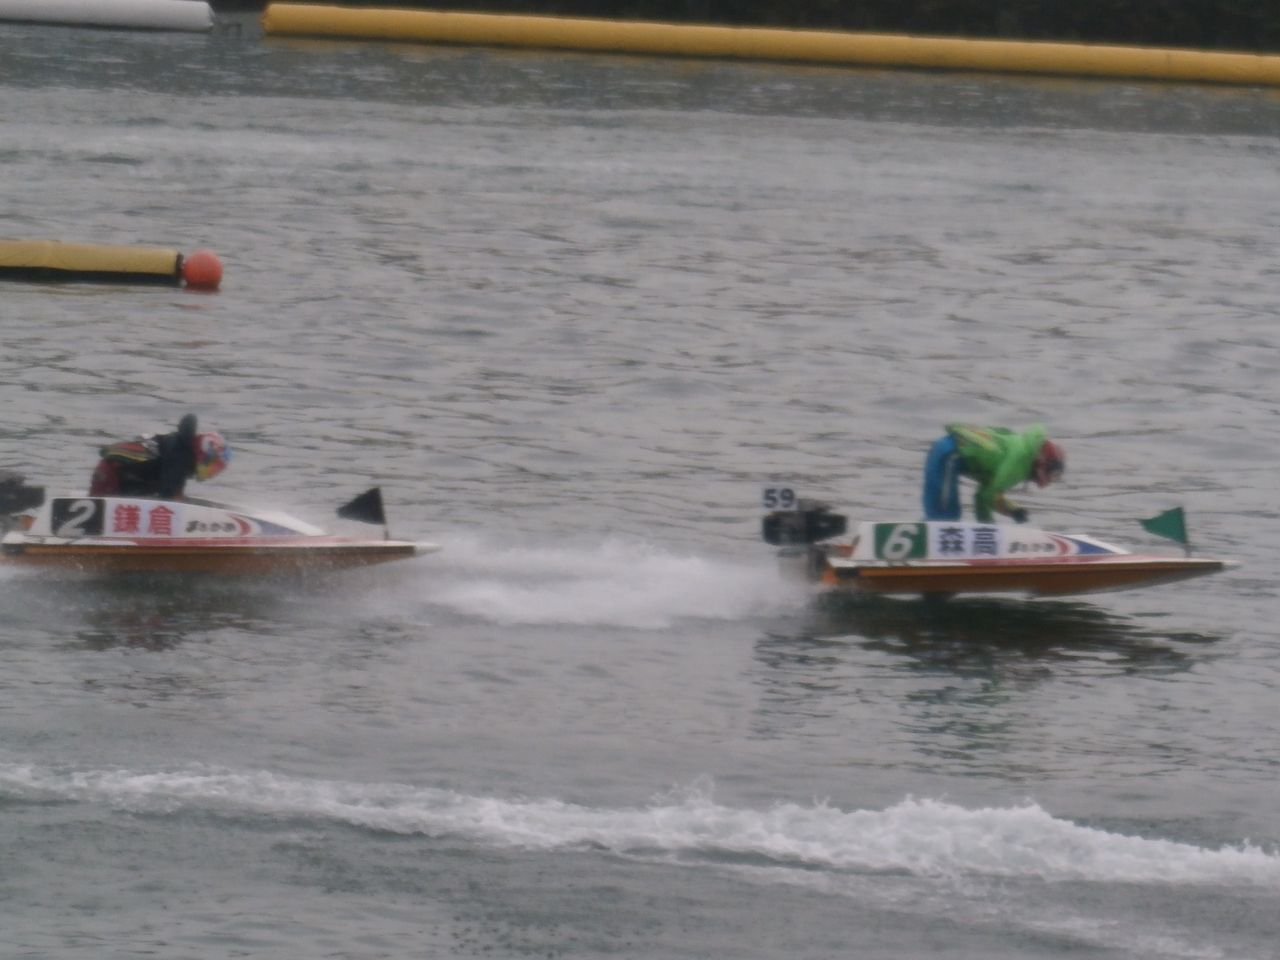 リプレイ 江戸川 競艇 レース